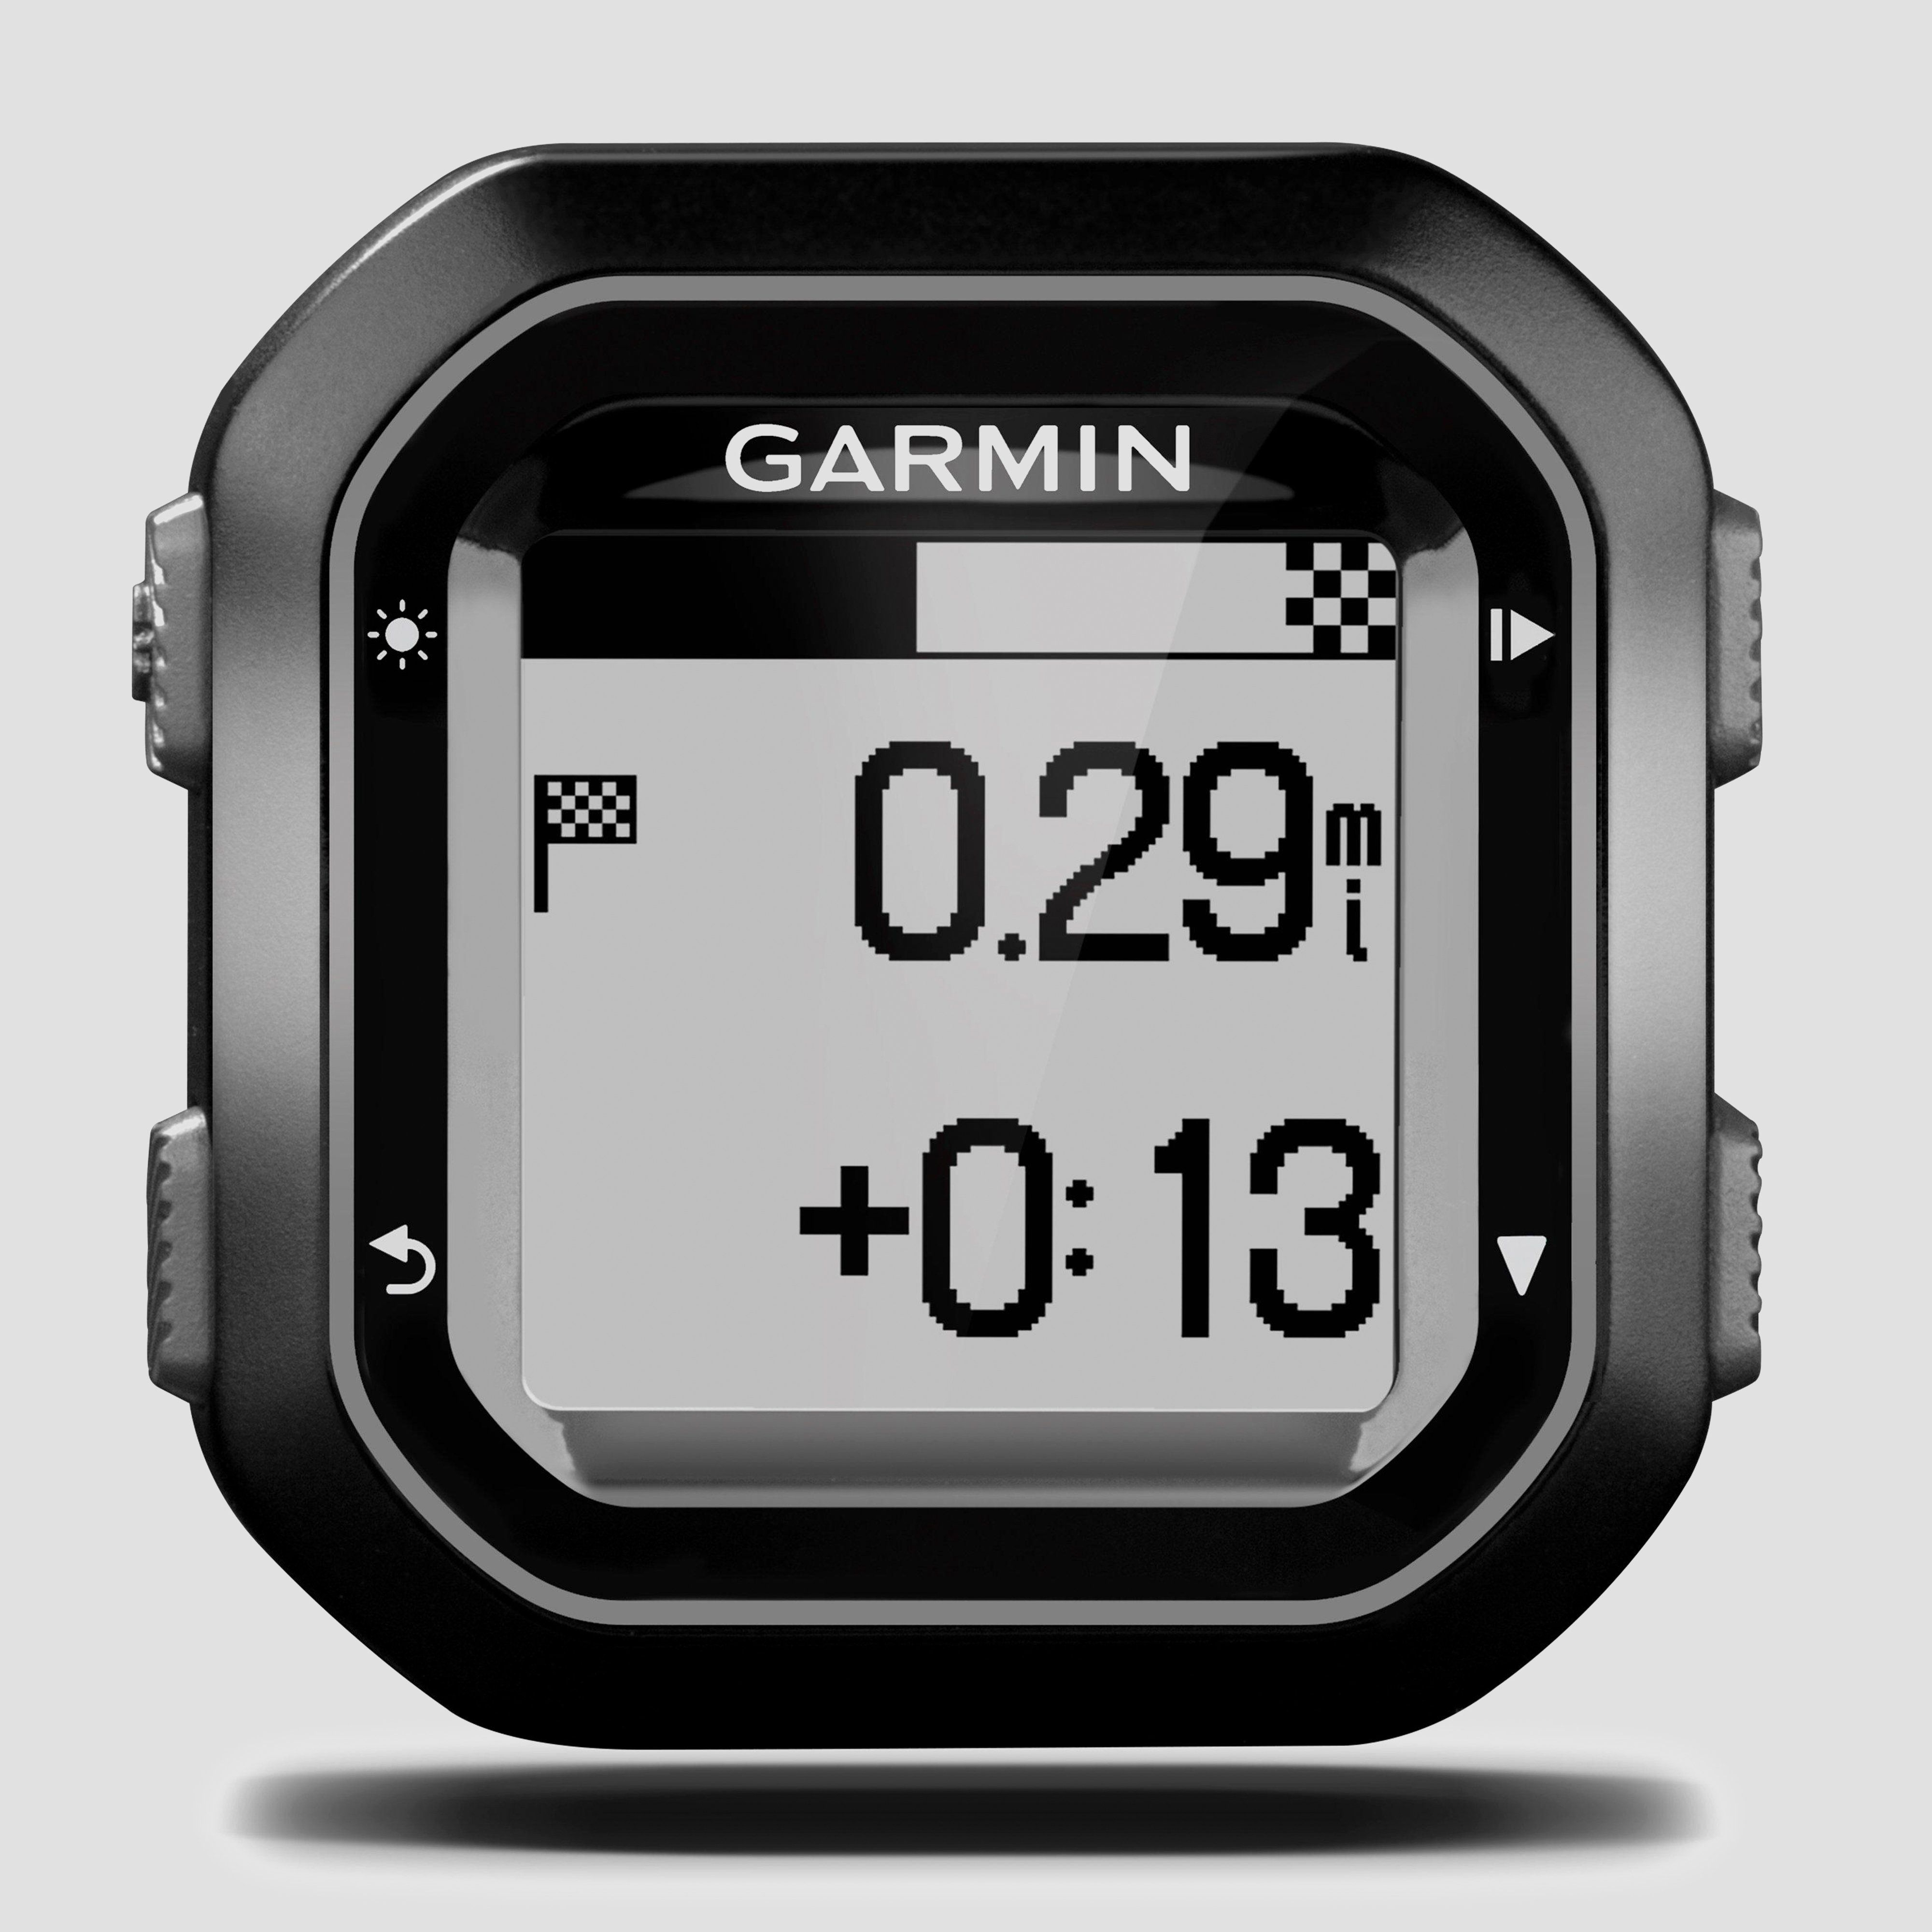 Garmin Edge 20 Cycle Computer